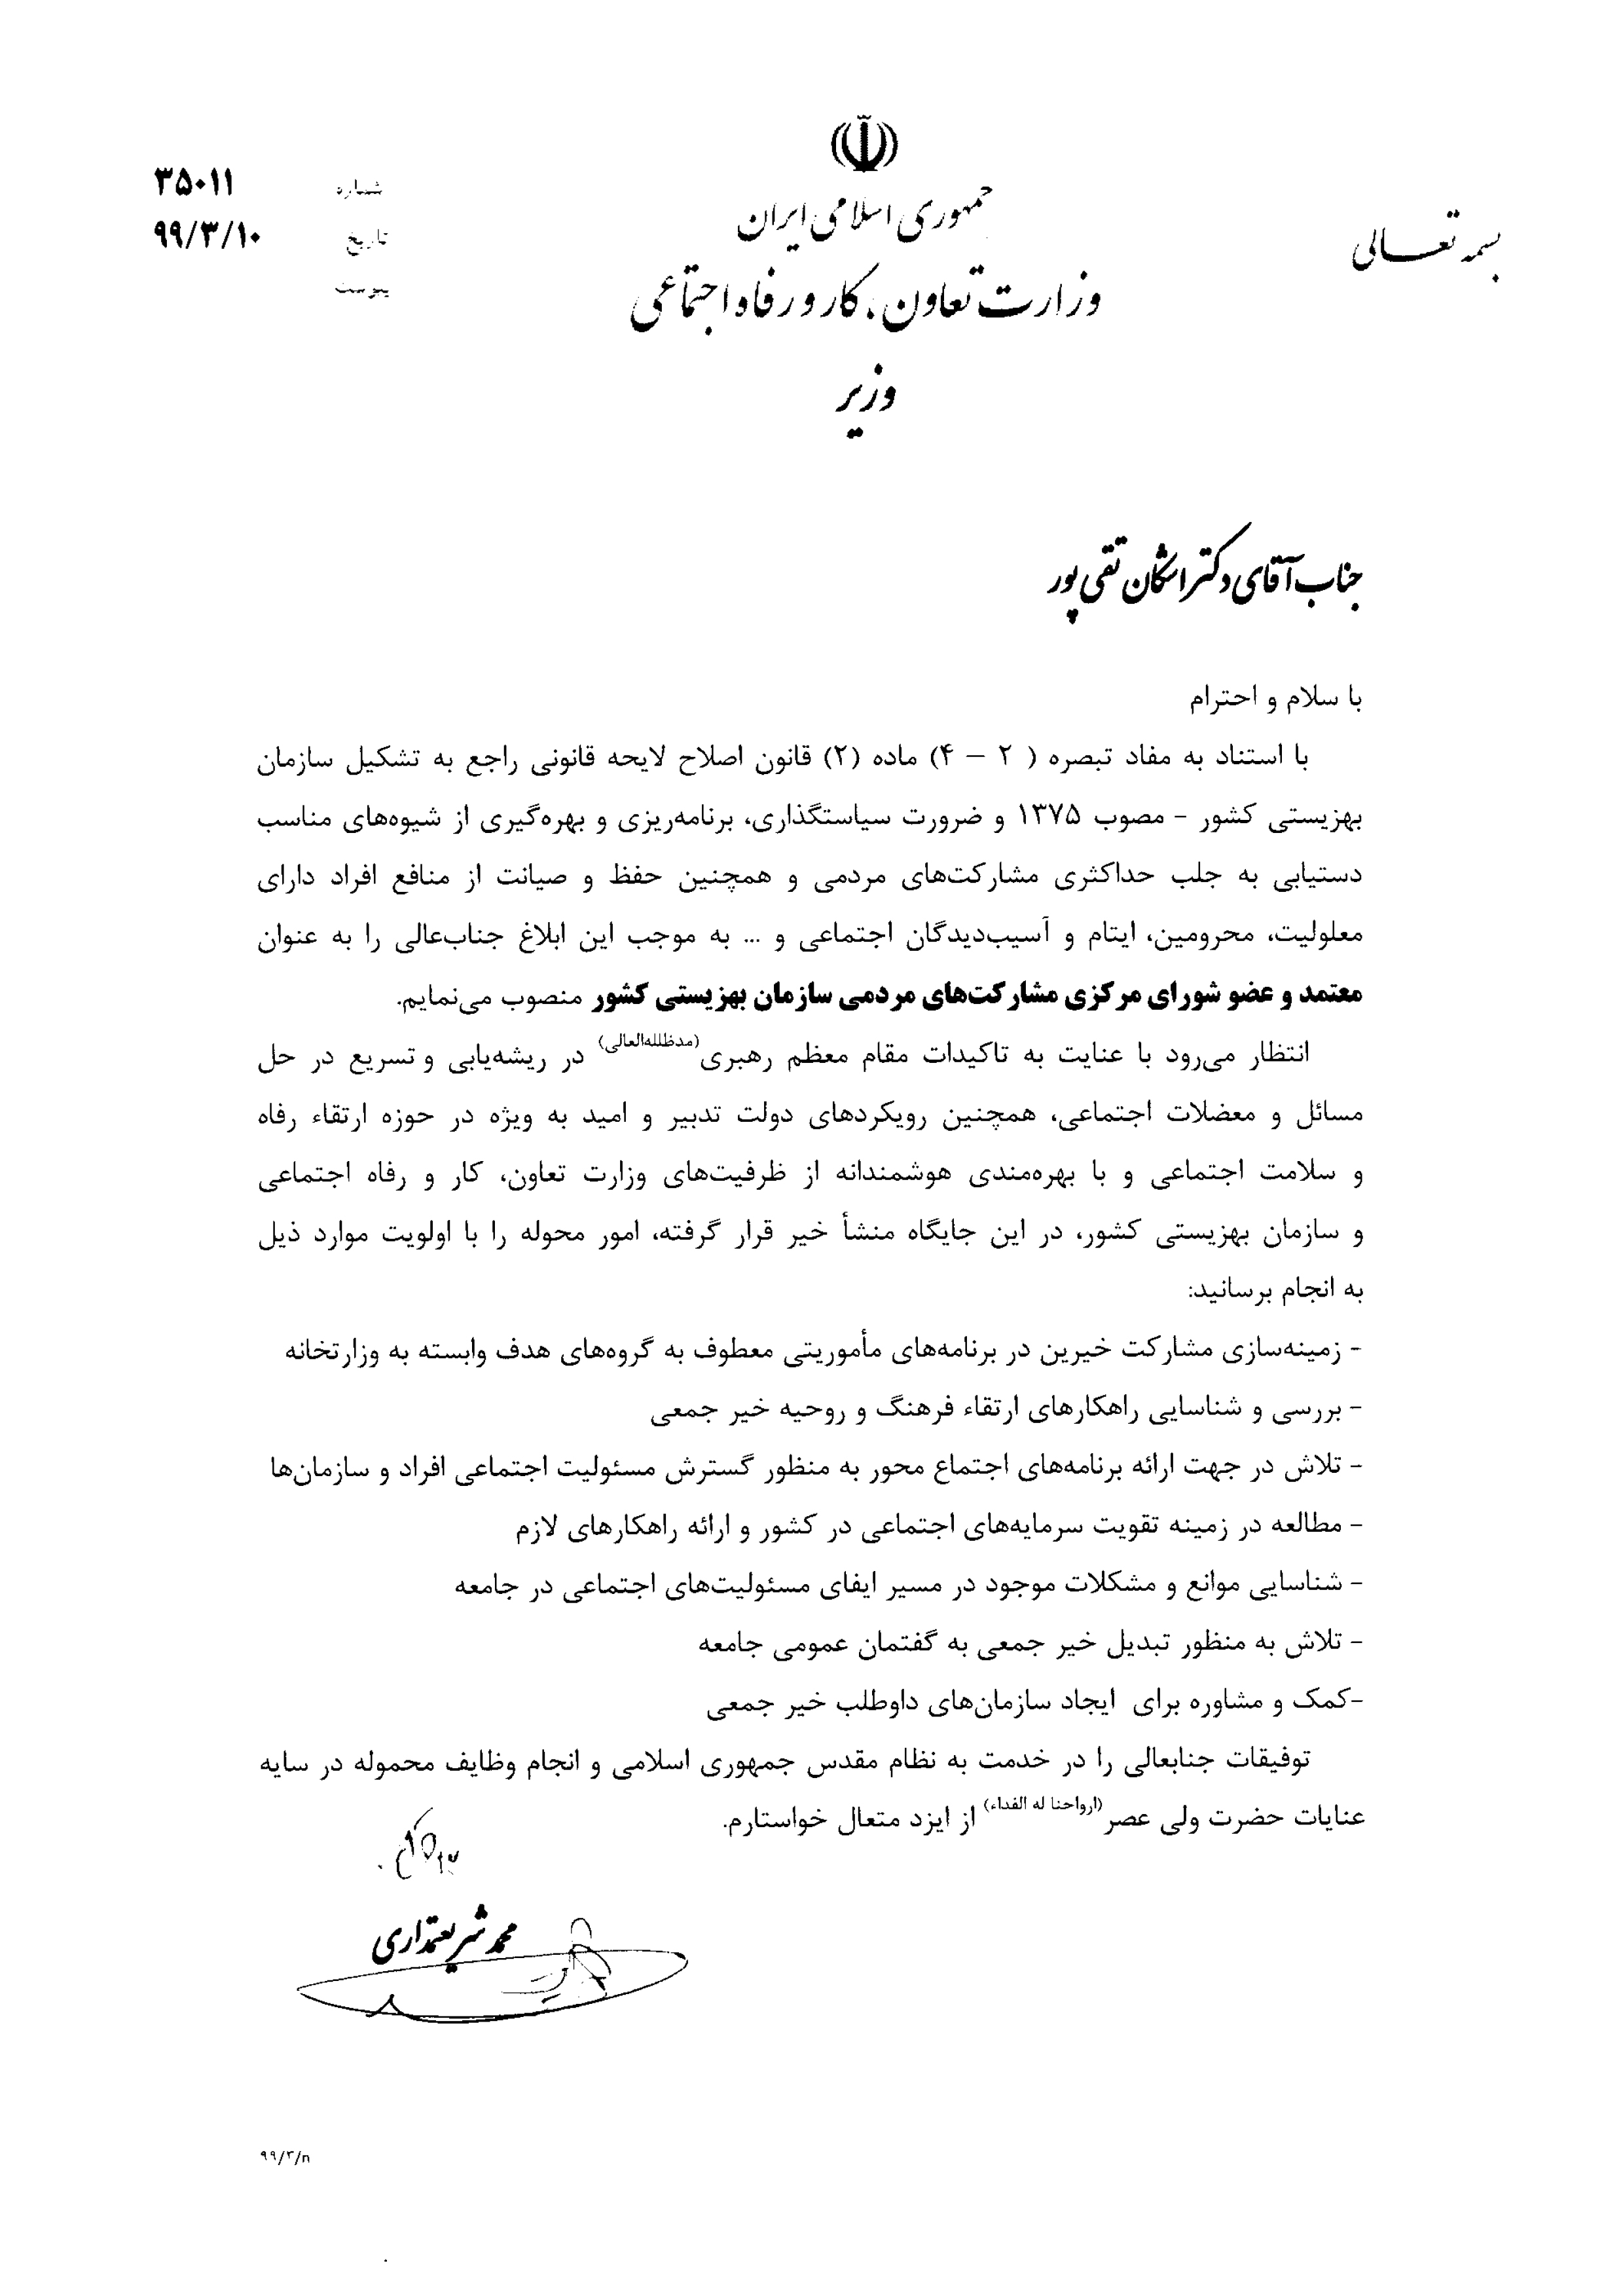 حکم انتصاب دکتر-شورای مشارکتهای مردمی-99